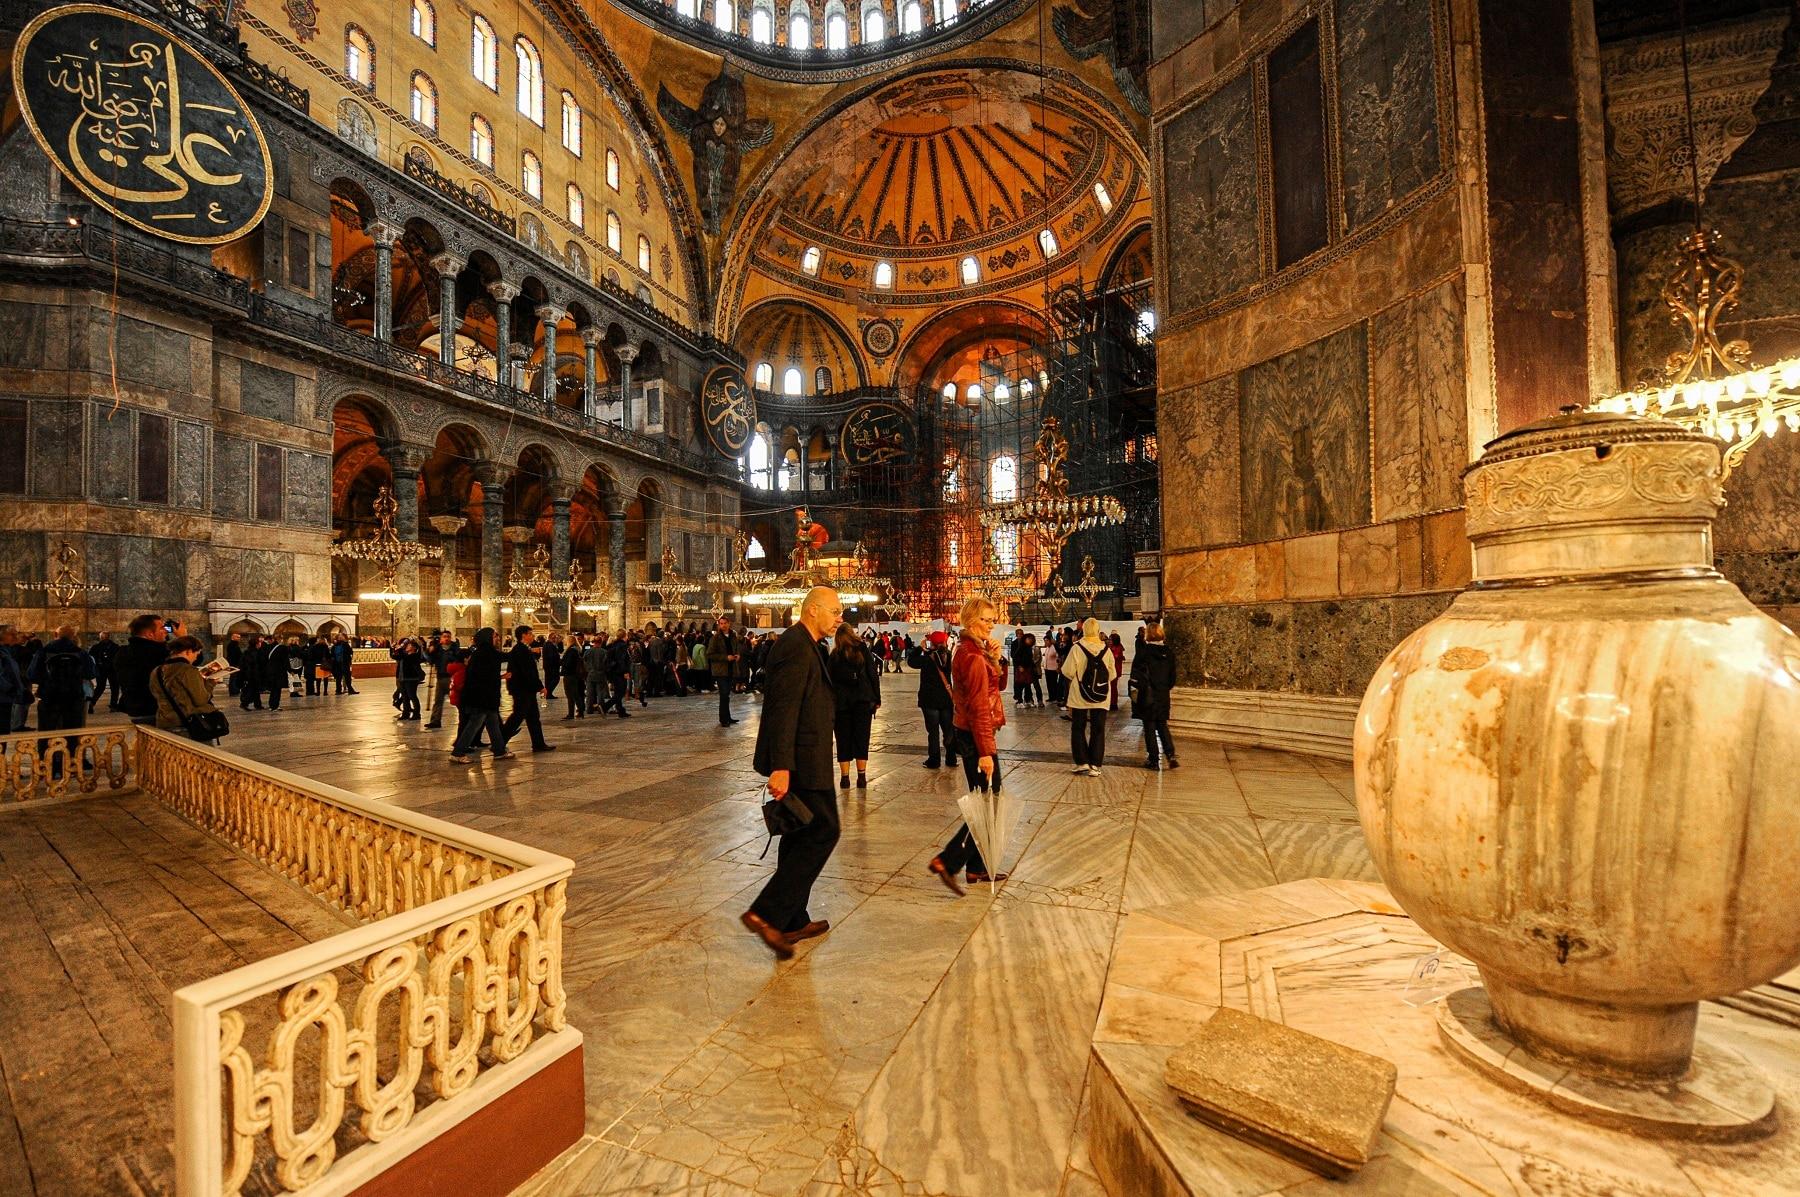 2010年10月15日、イスタンブールの歴史的なスルタンアフメット地区にあるビザンチン時代のハギアソフィア大聖堂を訪れます。